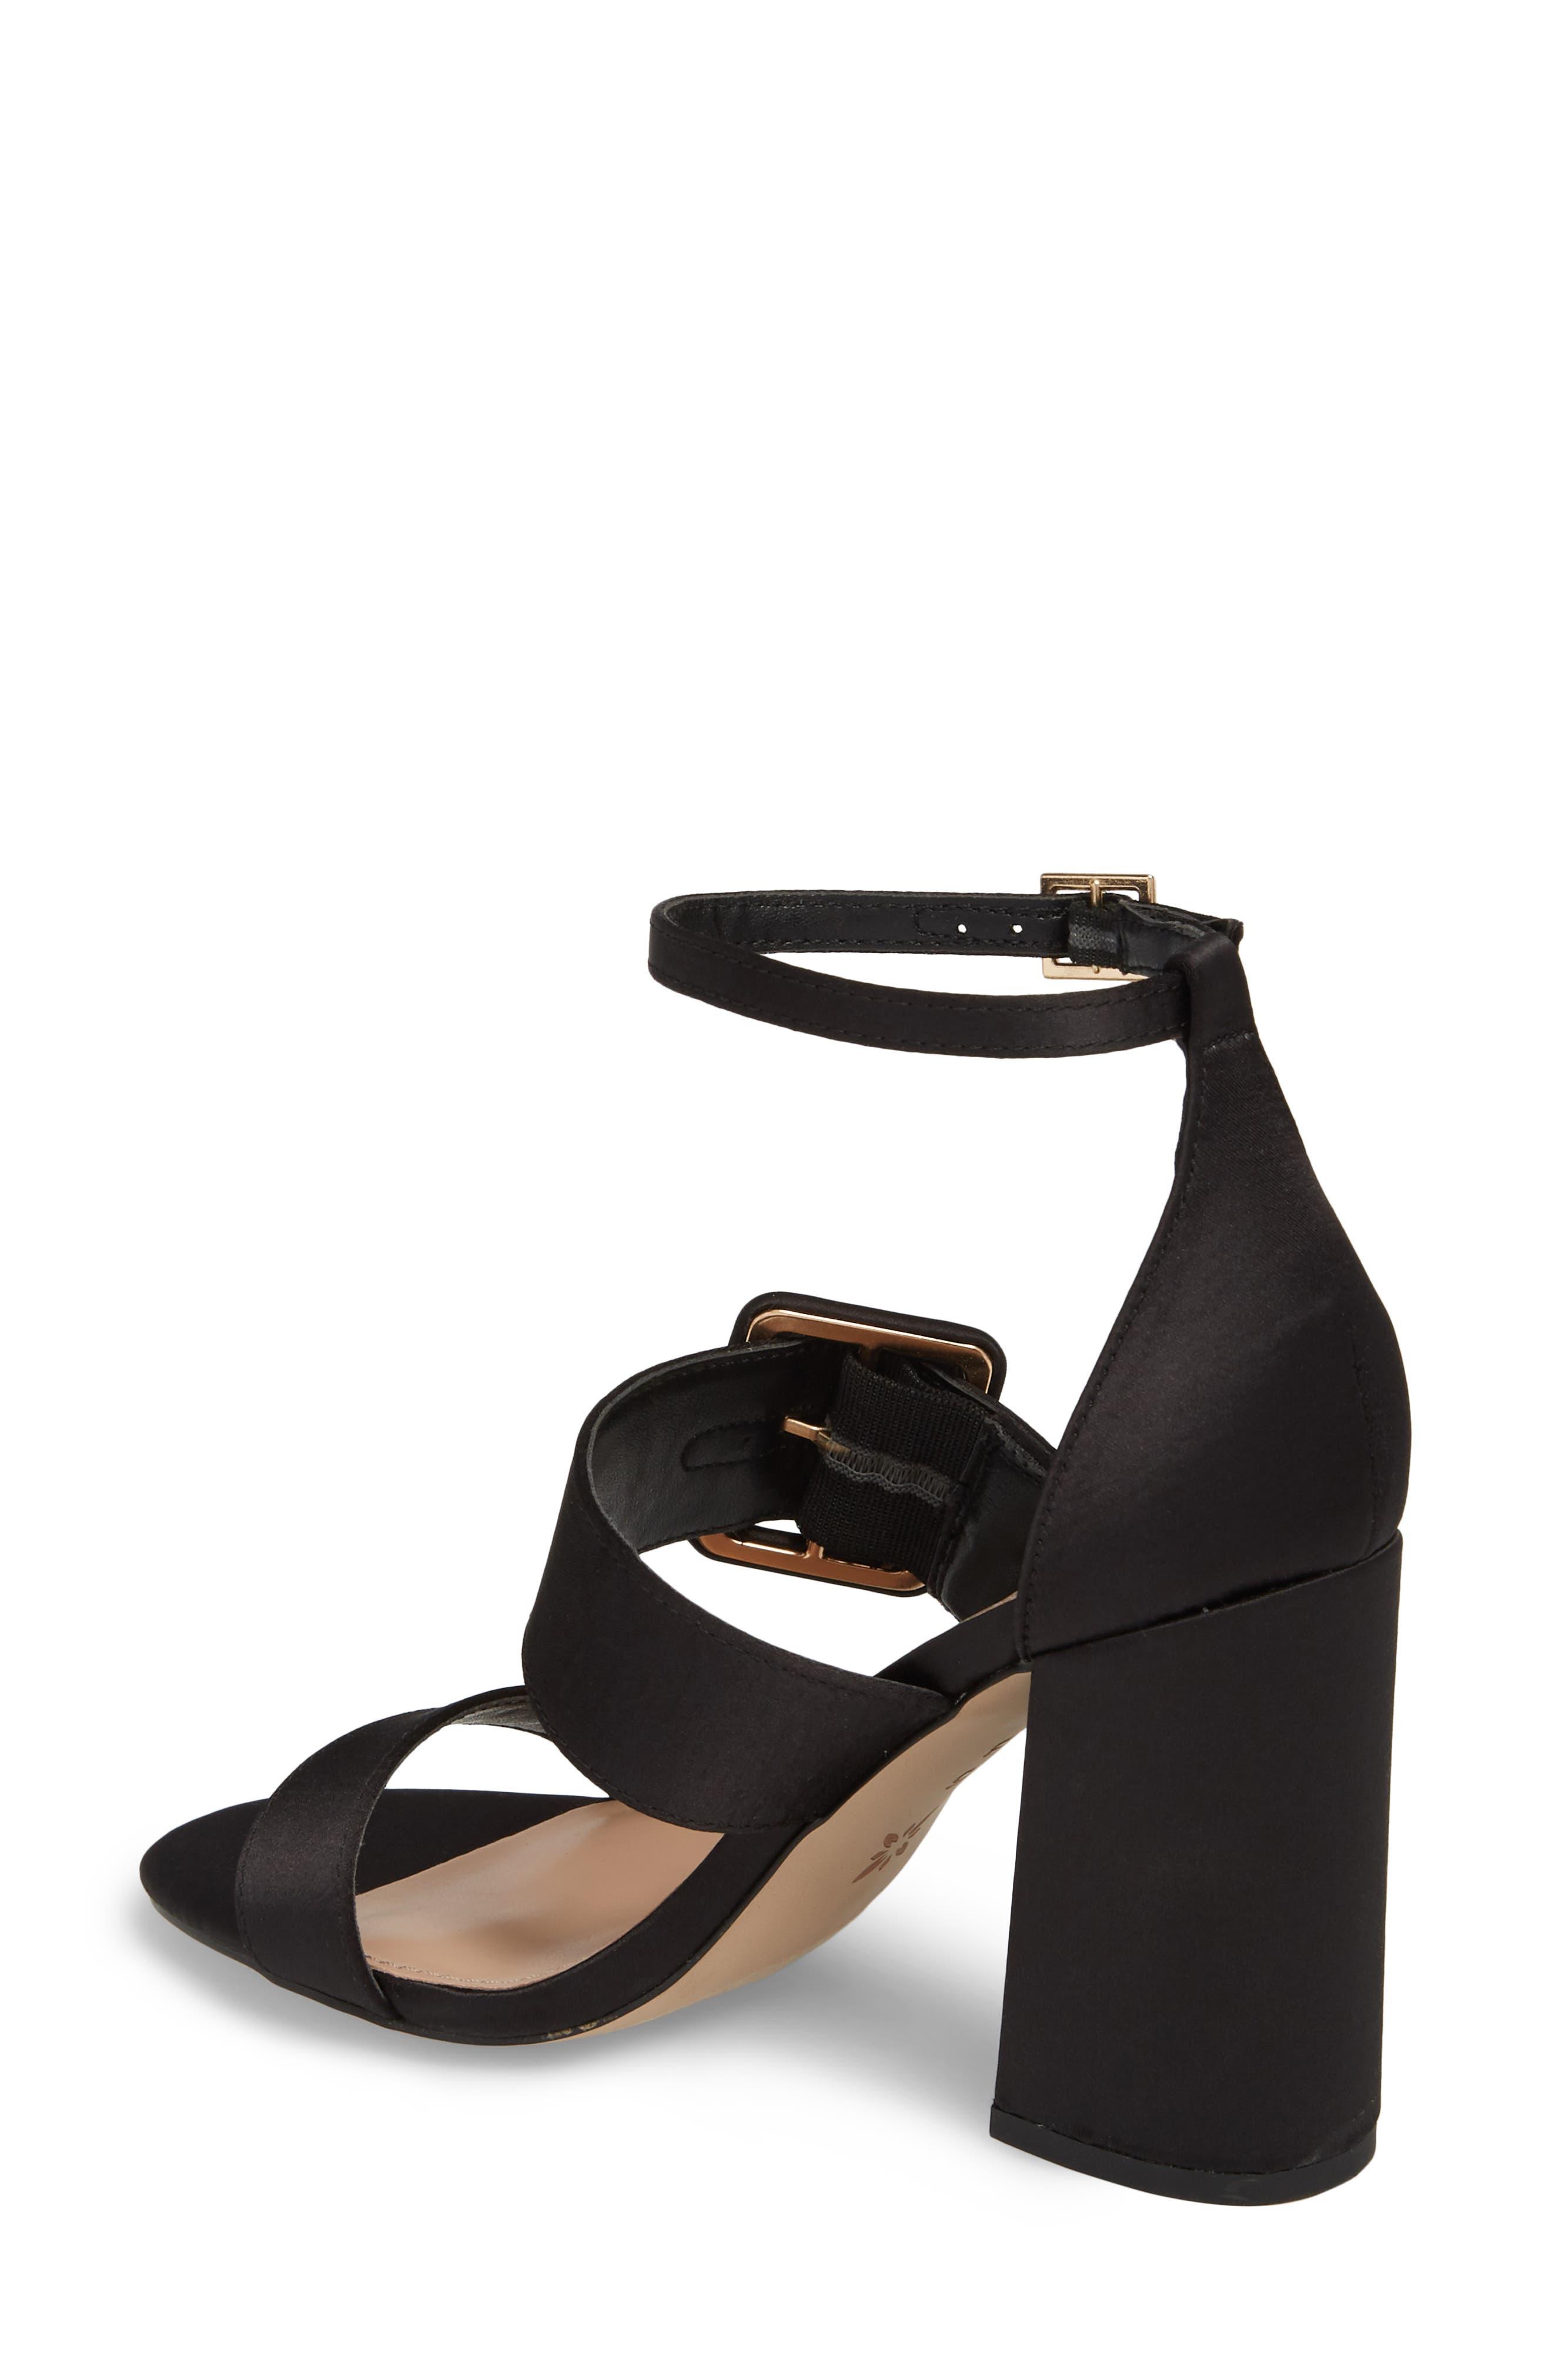 Raelynn Ankle Strap Sandal,                             Alternate thumbnail 2, color,                             BLACK SATIN